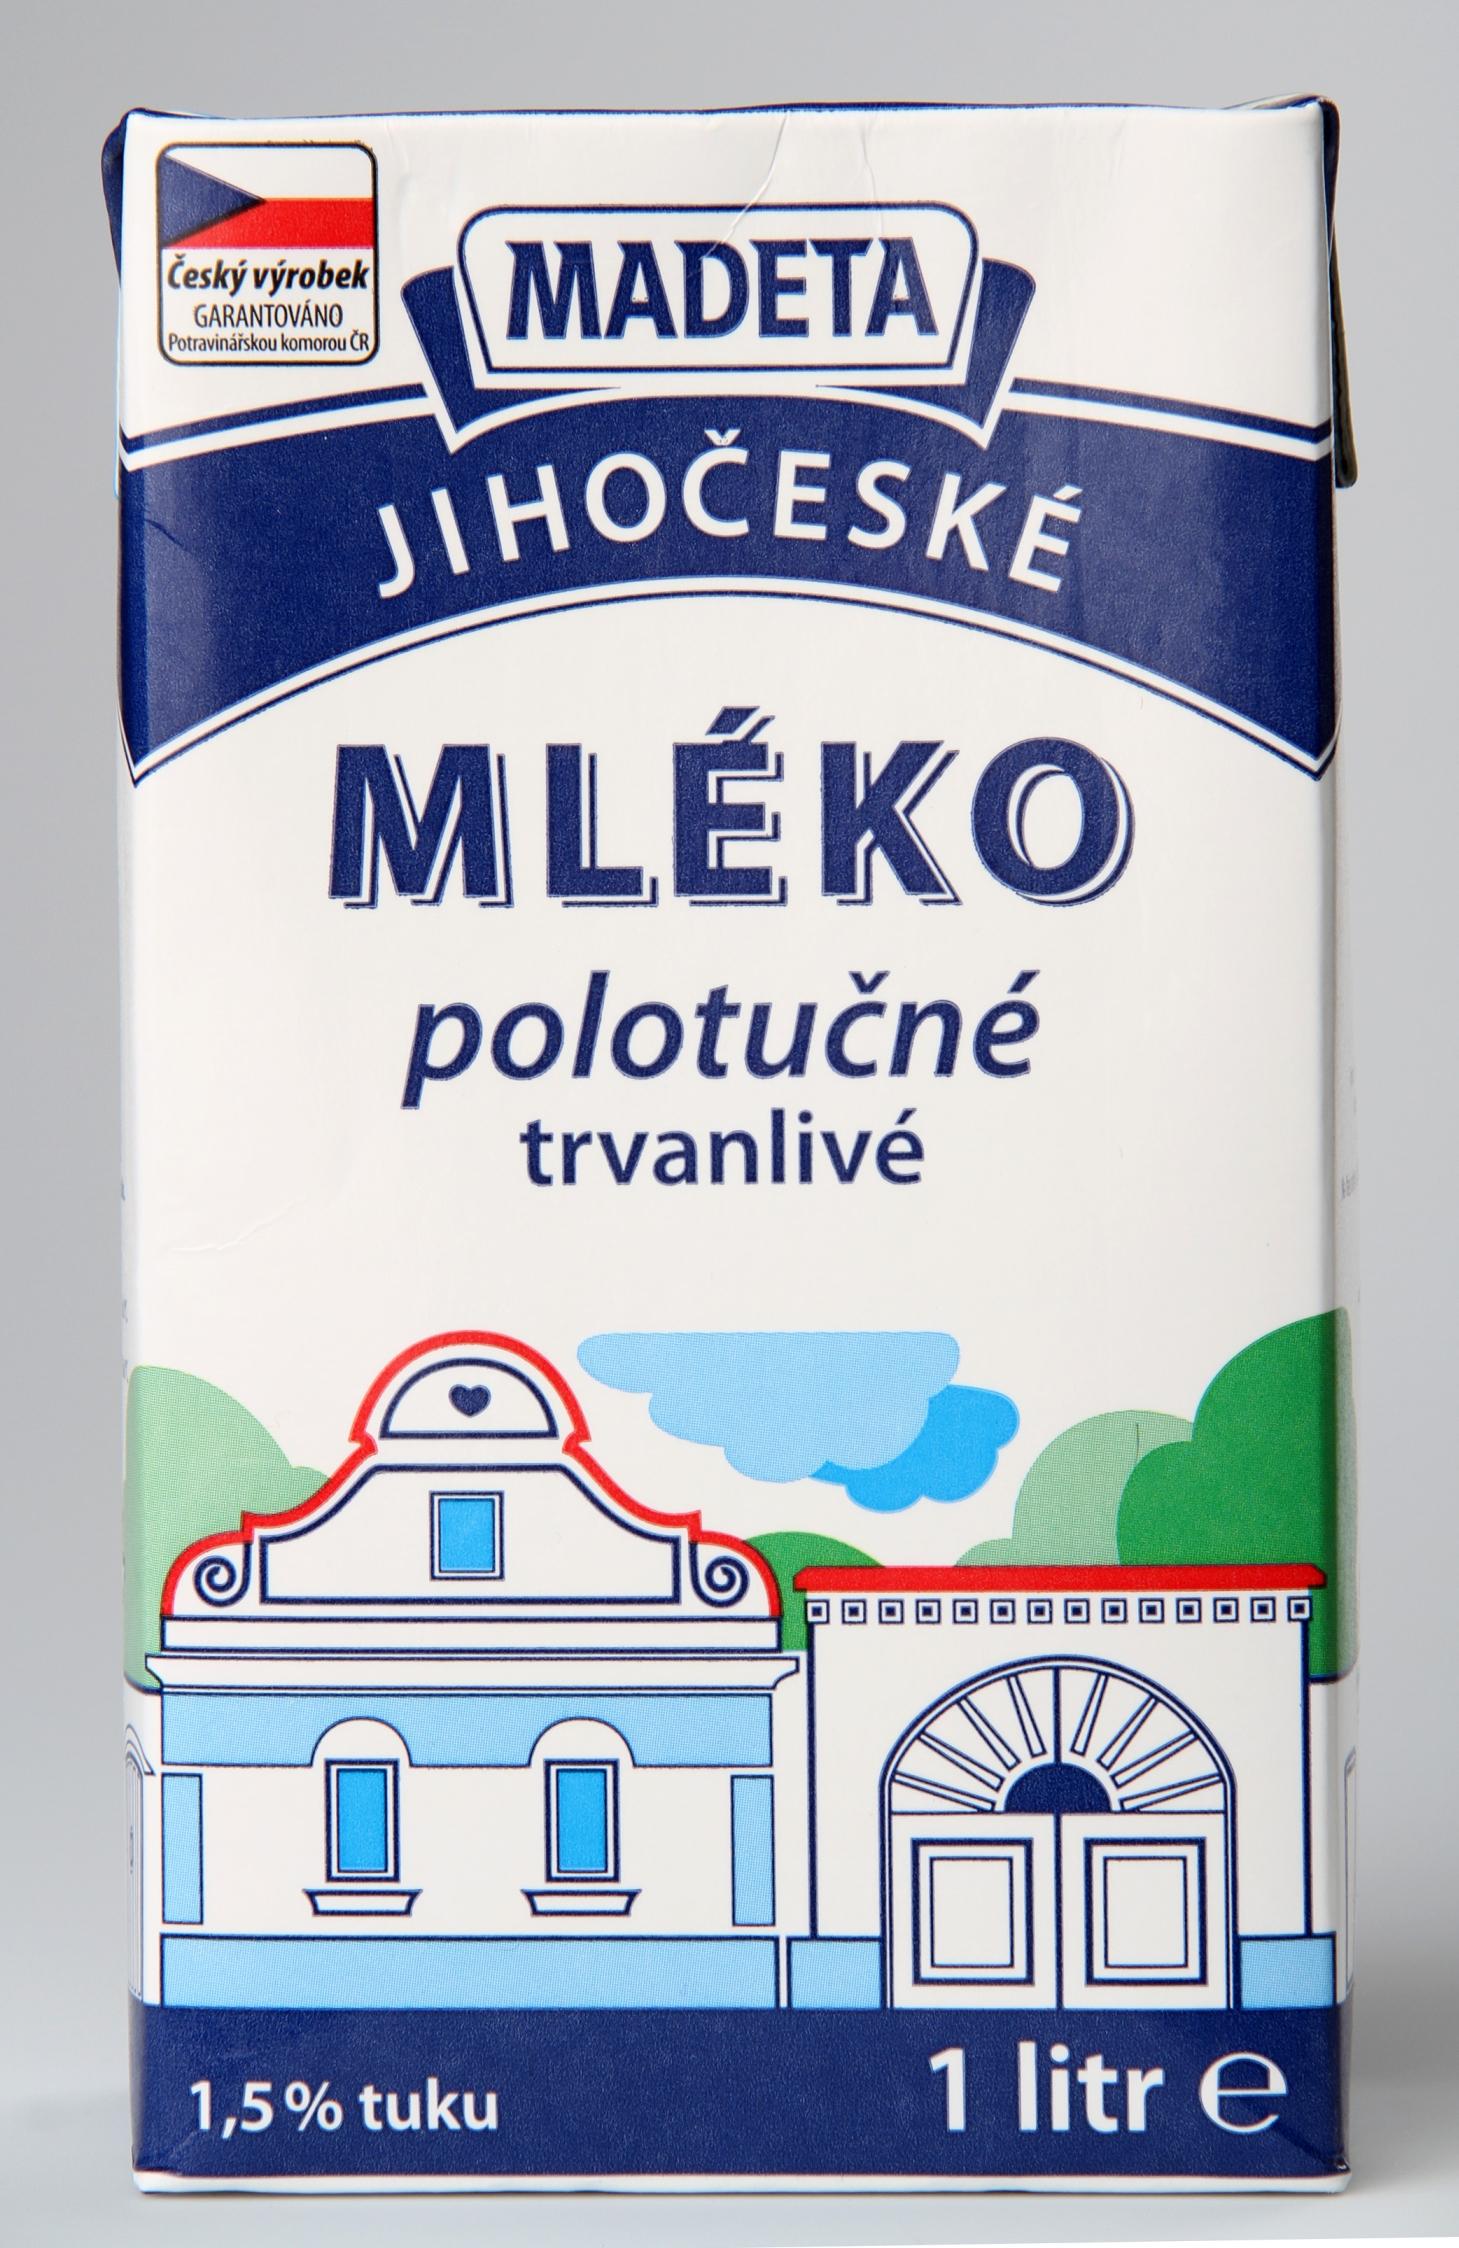 Madeta Jihočeské mléko polotučné